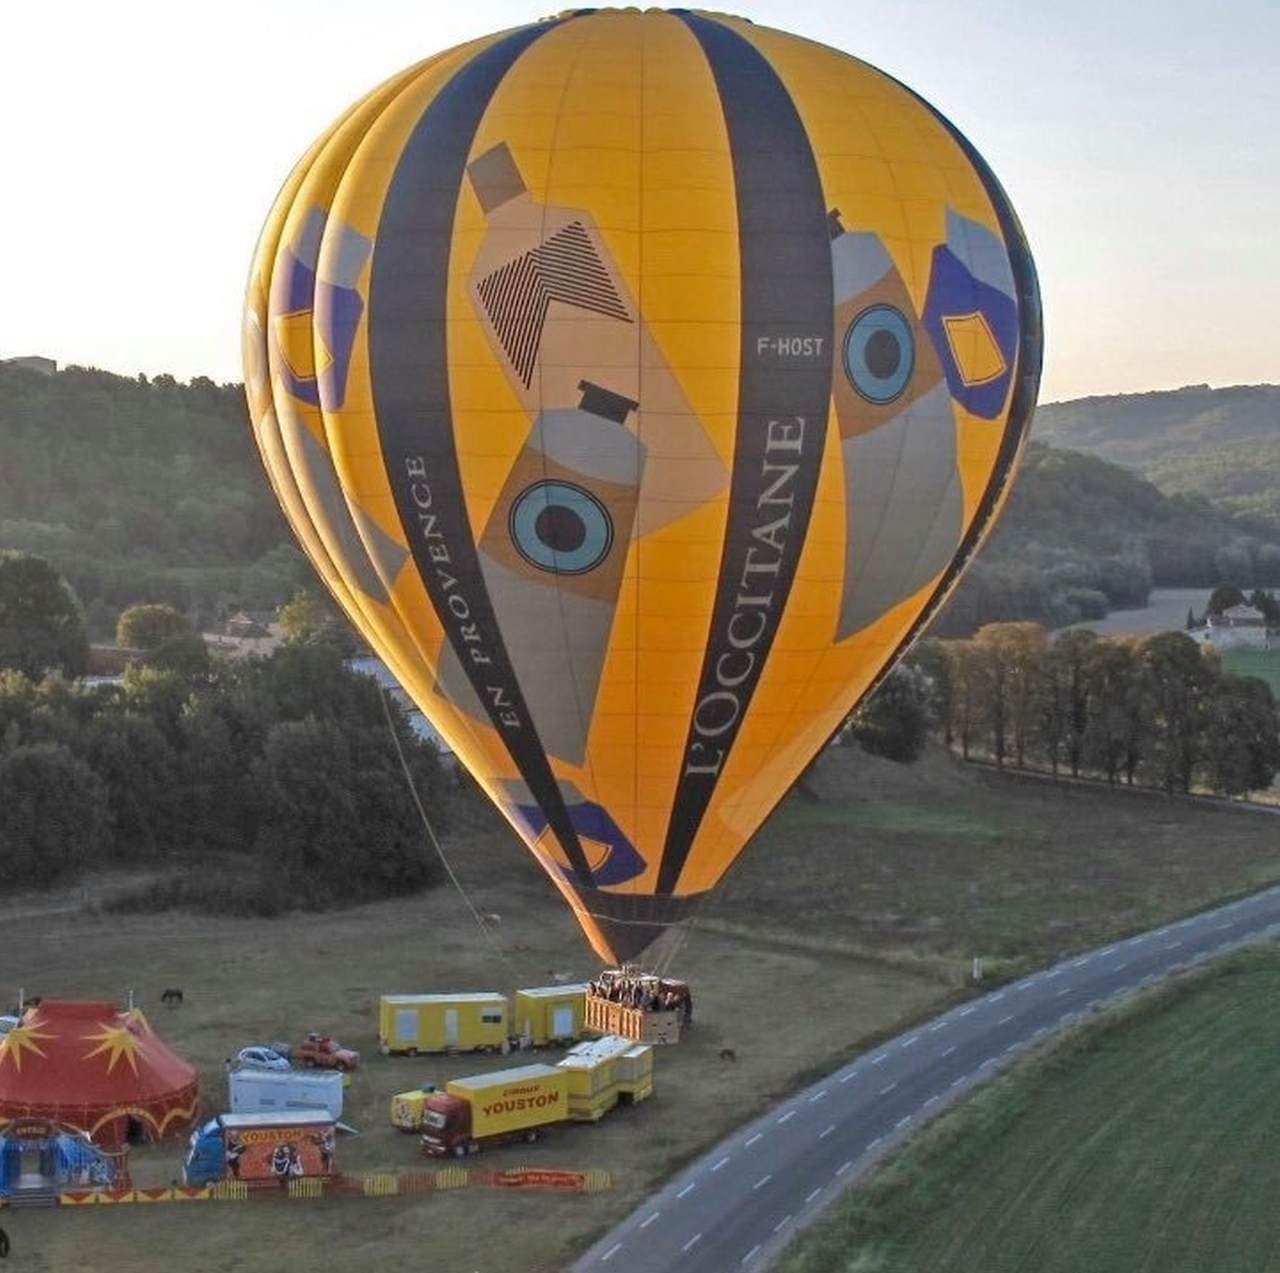 気球を医療用ガウンに ハンドクリームを寄付 ロクシタンによる医療従事者へのサポート